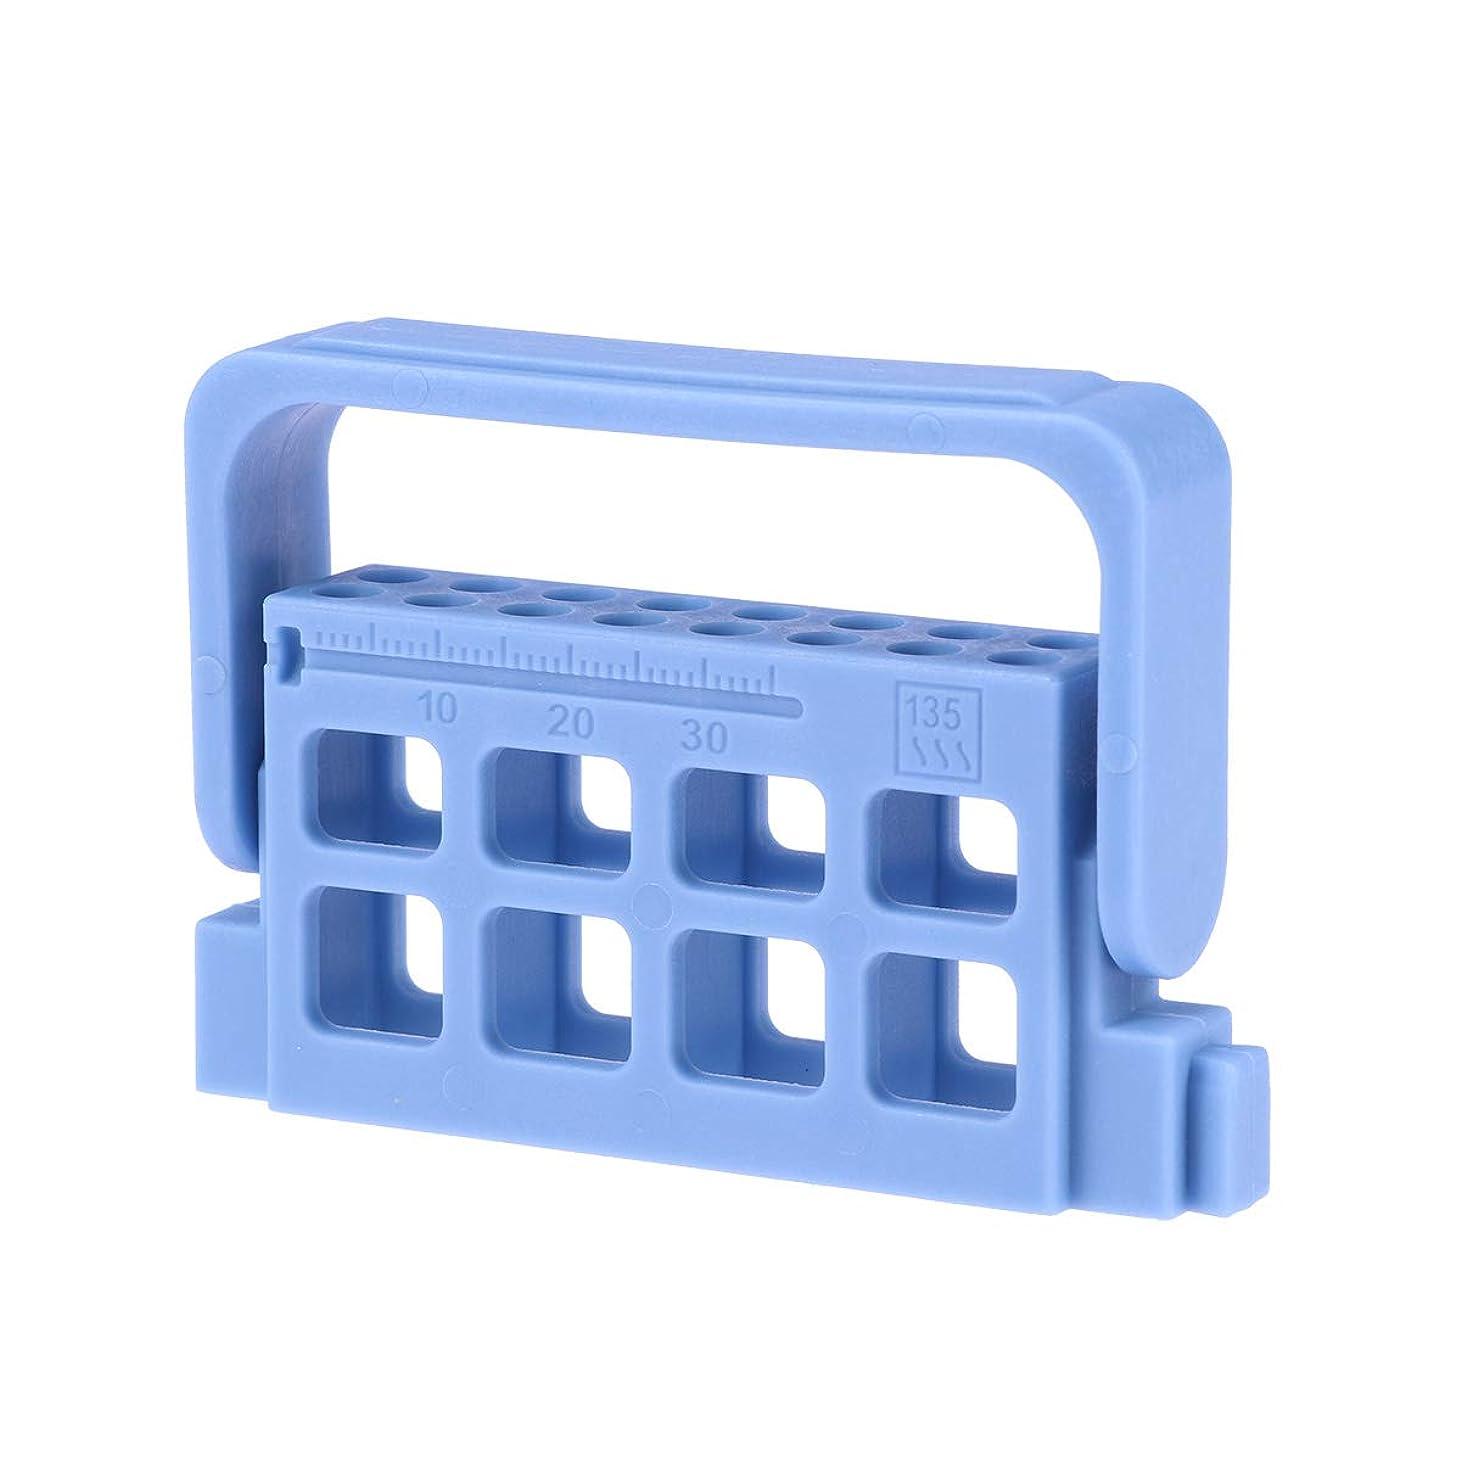 実験読みやすさ明日HEALLILY 歯科用測定ファイルホルダー口腔根管洗浄スタンド付き測定スケール臨床用具(青)